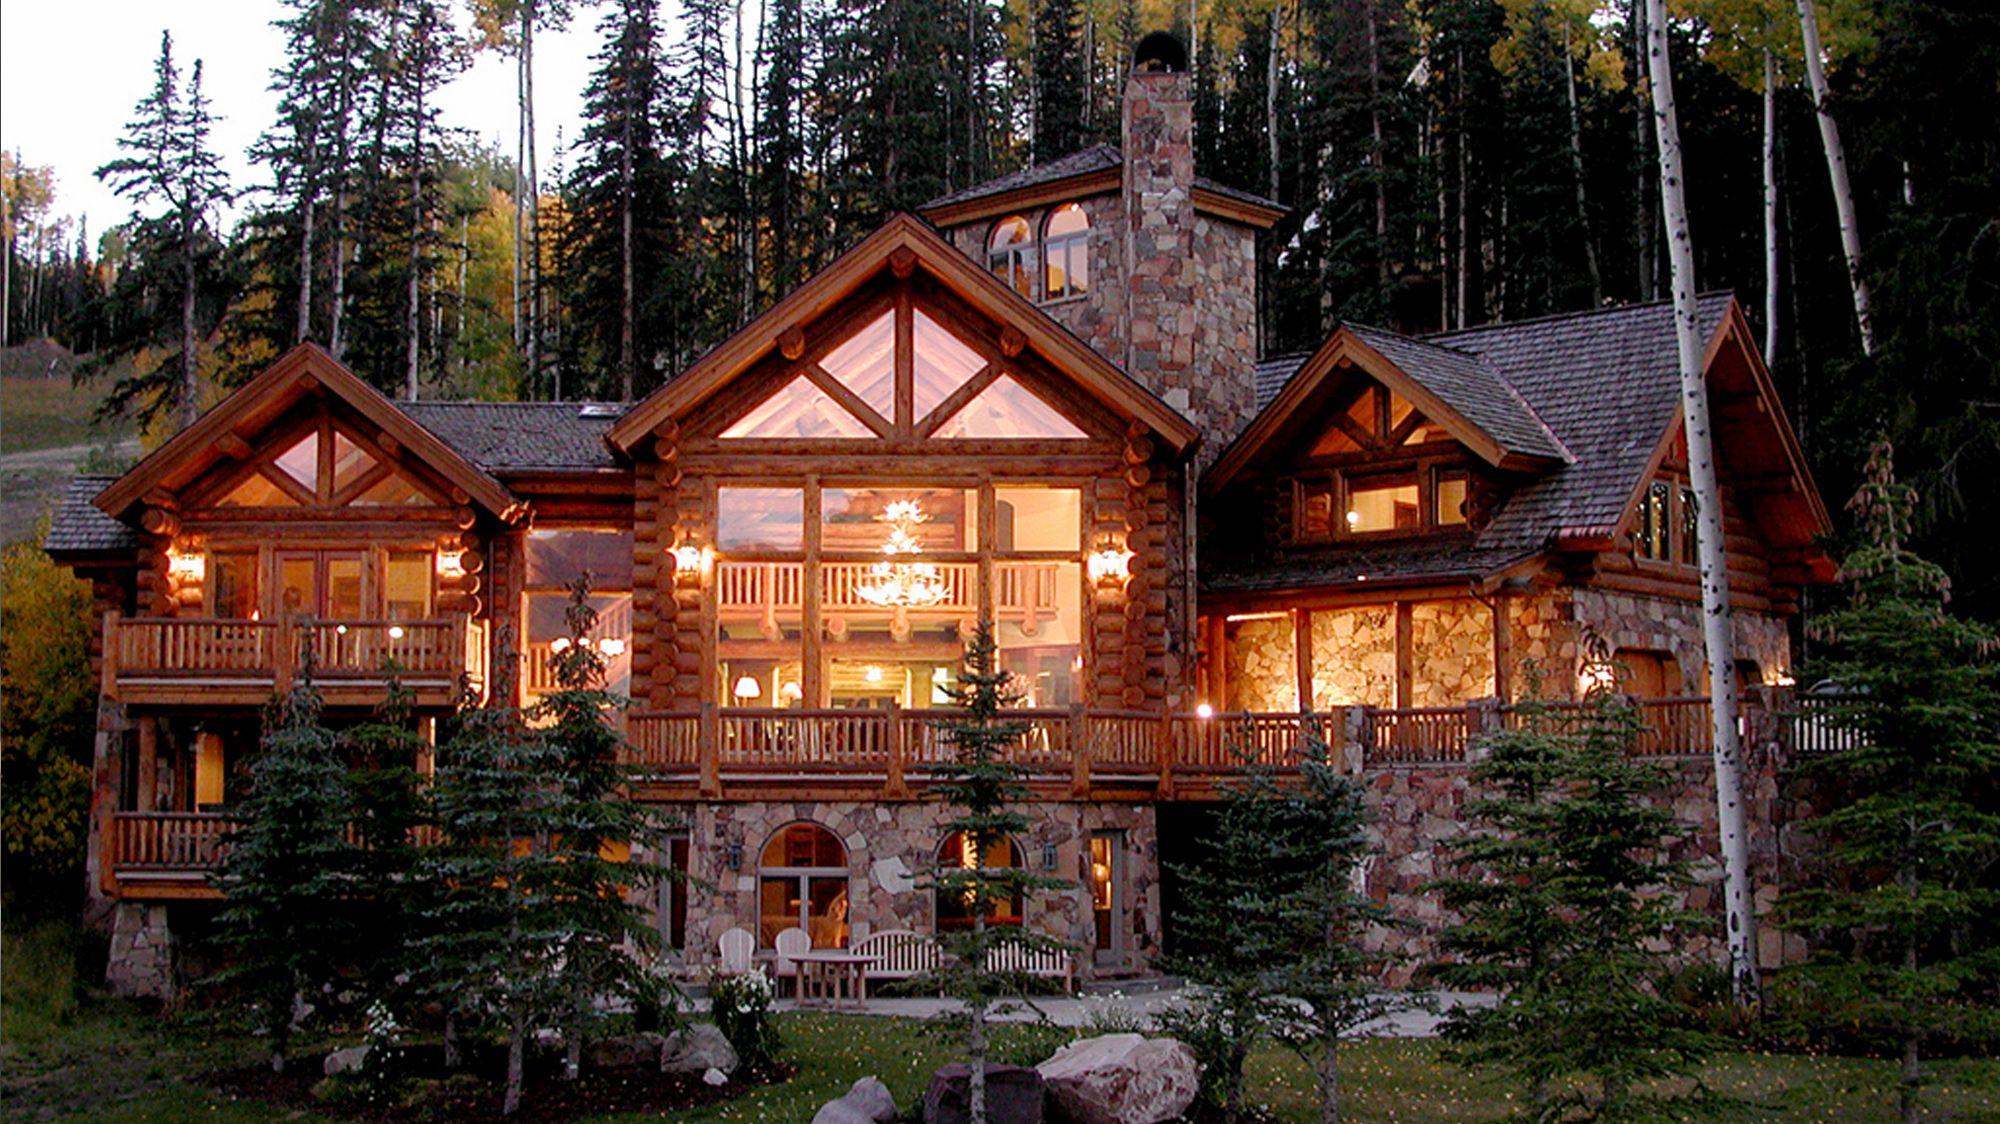 Colorado ski lodge